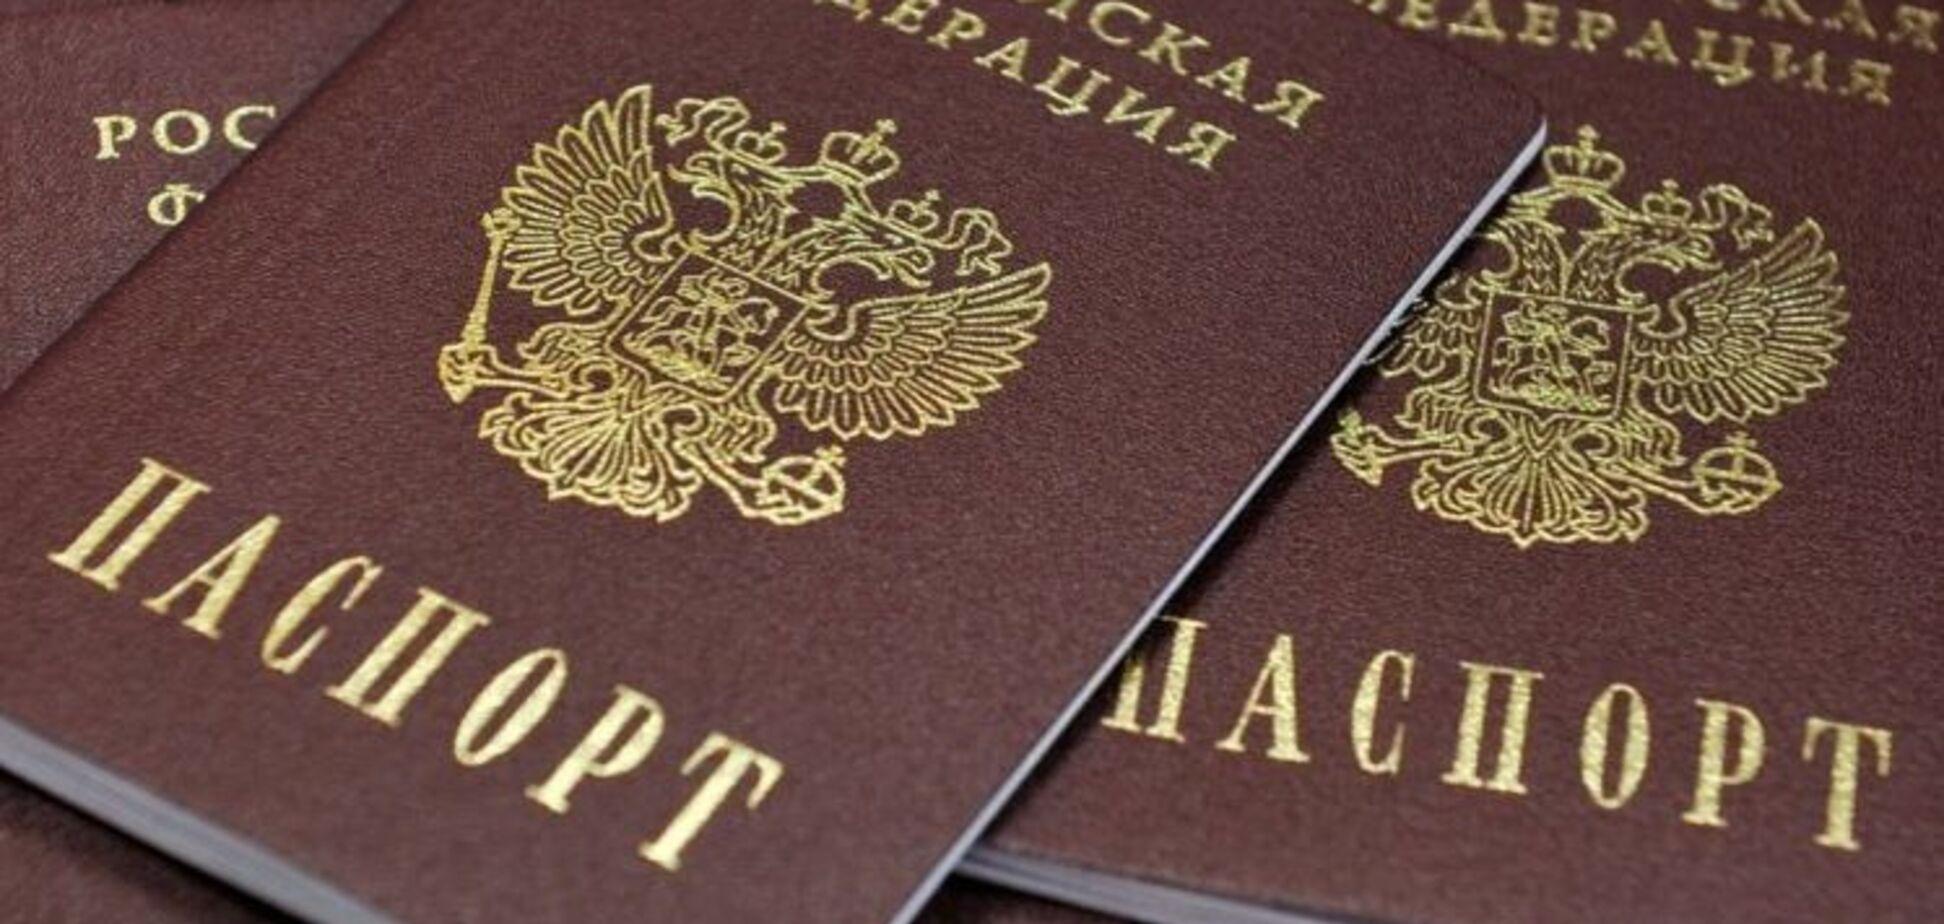 В 'ДНР' почали оформлювати паспорти РФ: у МЗС зробили заяву